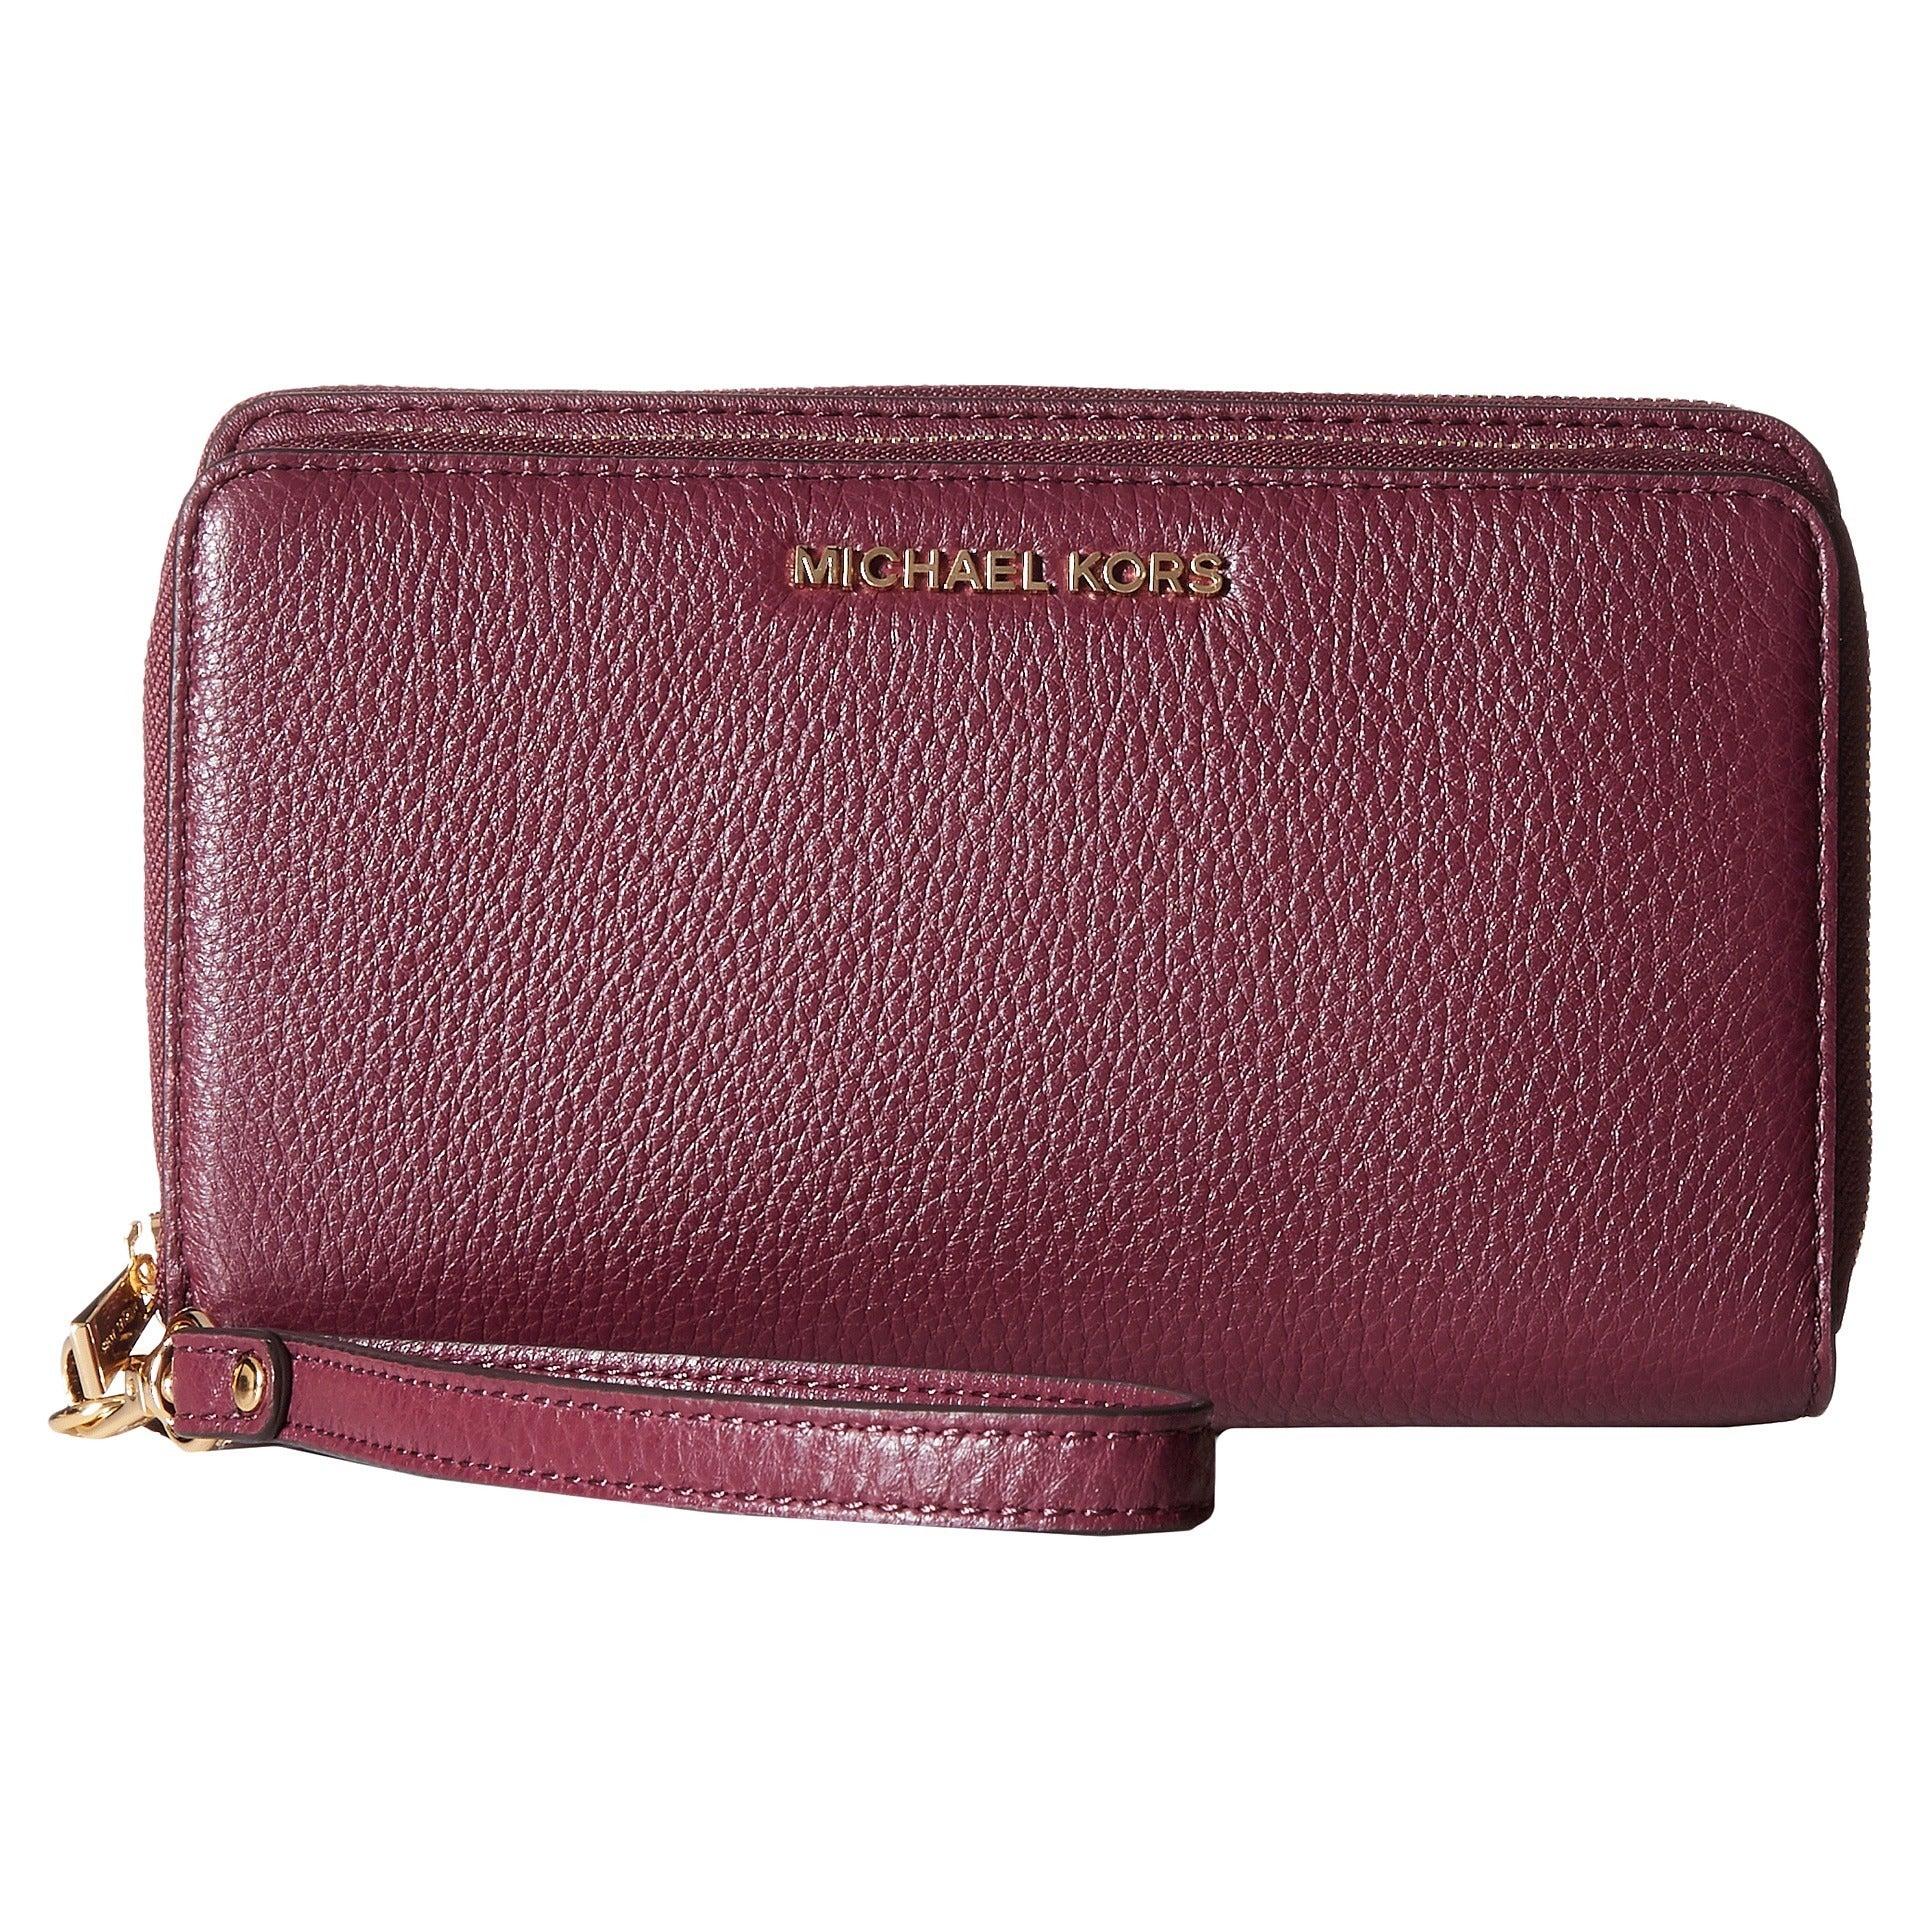 608e07459c9d Shop Michael Kors Adele Plum Leather Double-zip Wallet - Free ...